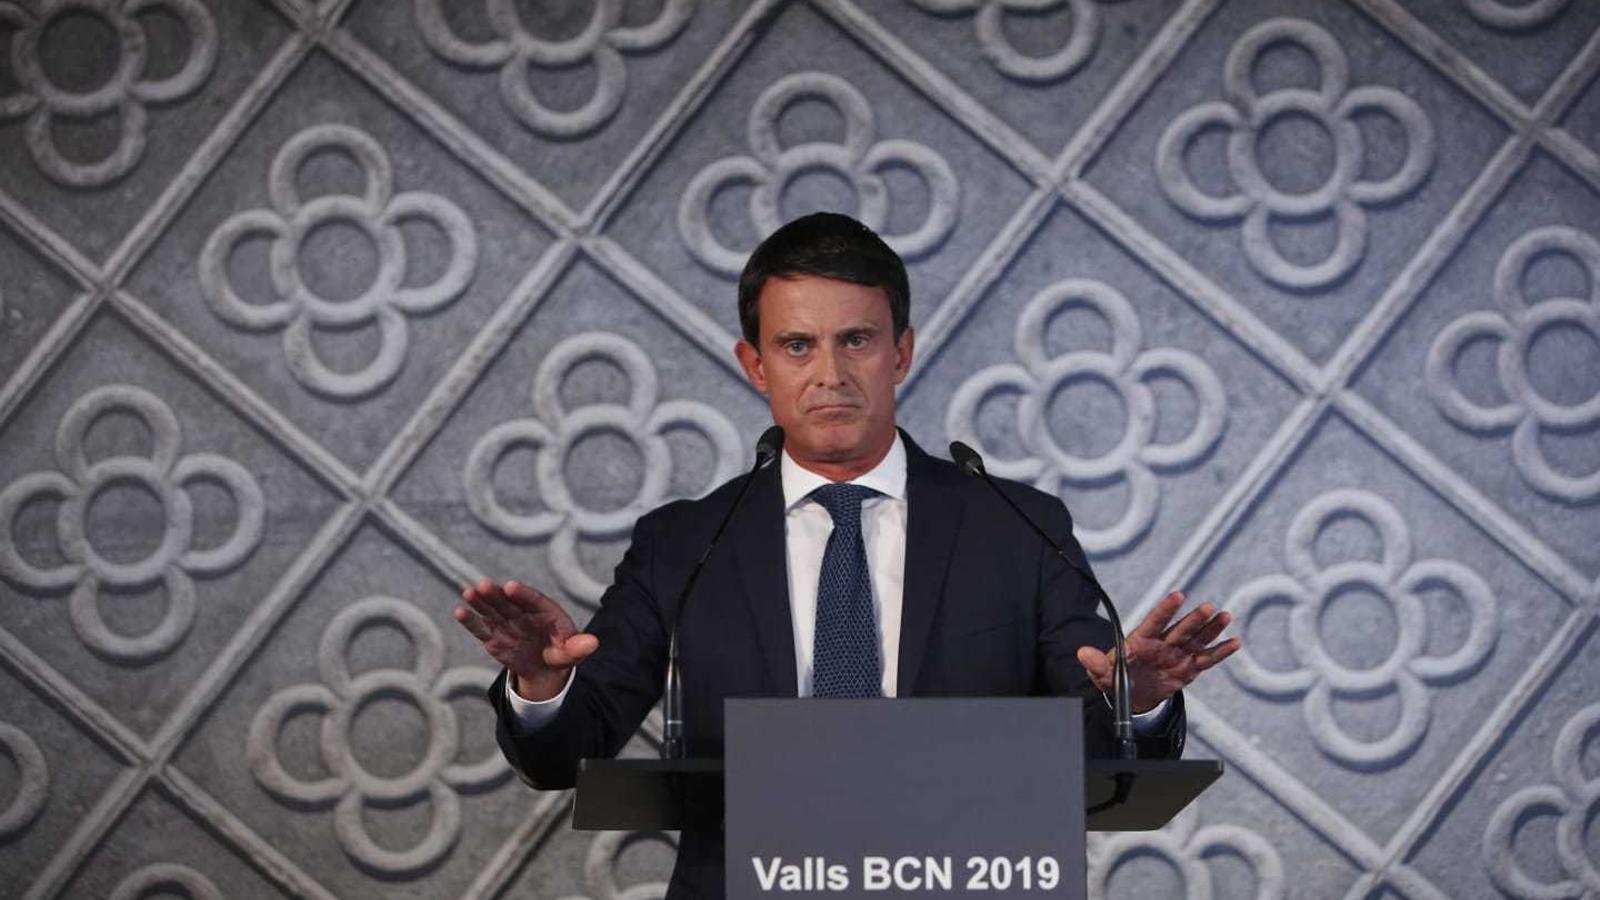 L'ex primer ministre francès Manuel Valls en una conferència al CCCB per presentar la seva candidatura a les municipals de 2019 / CÈLIA ATSET